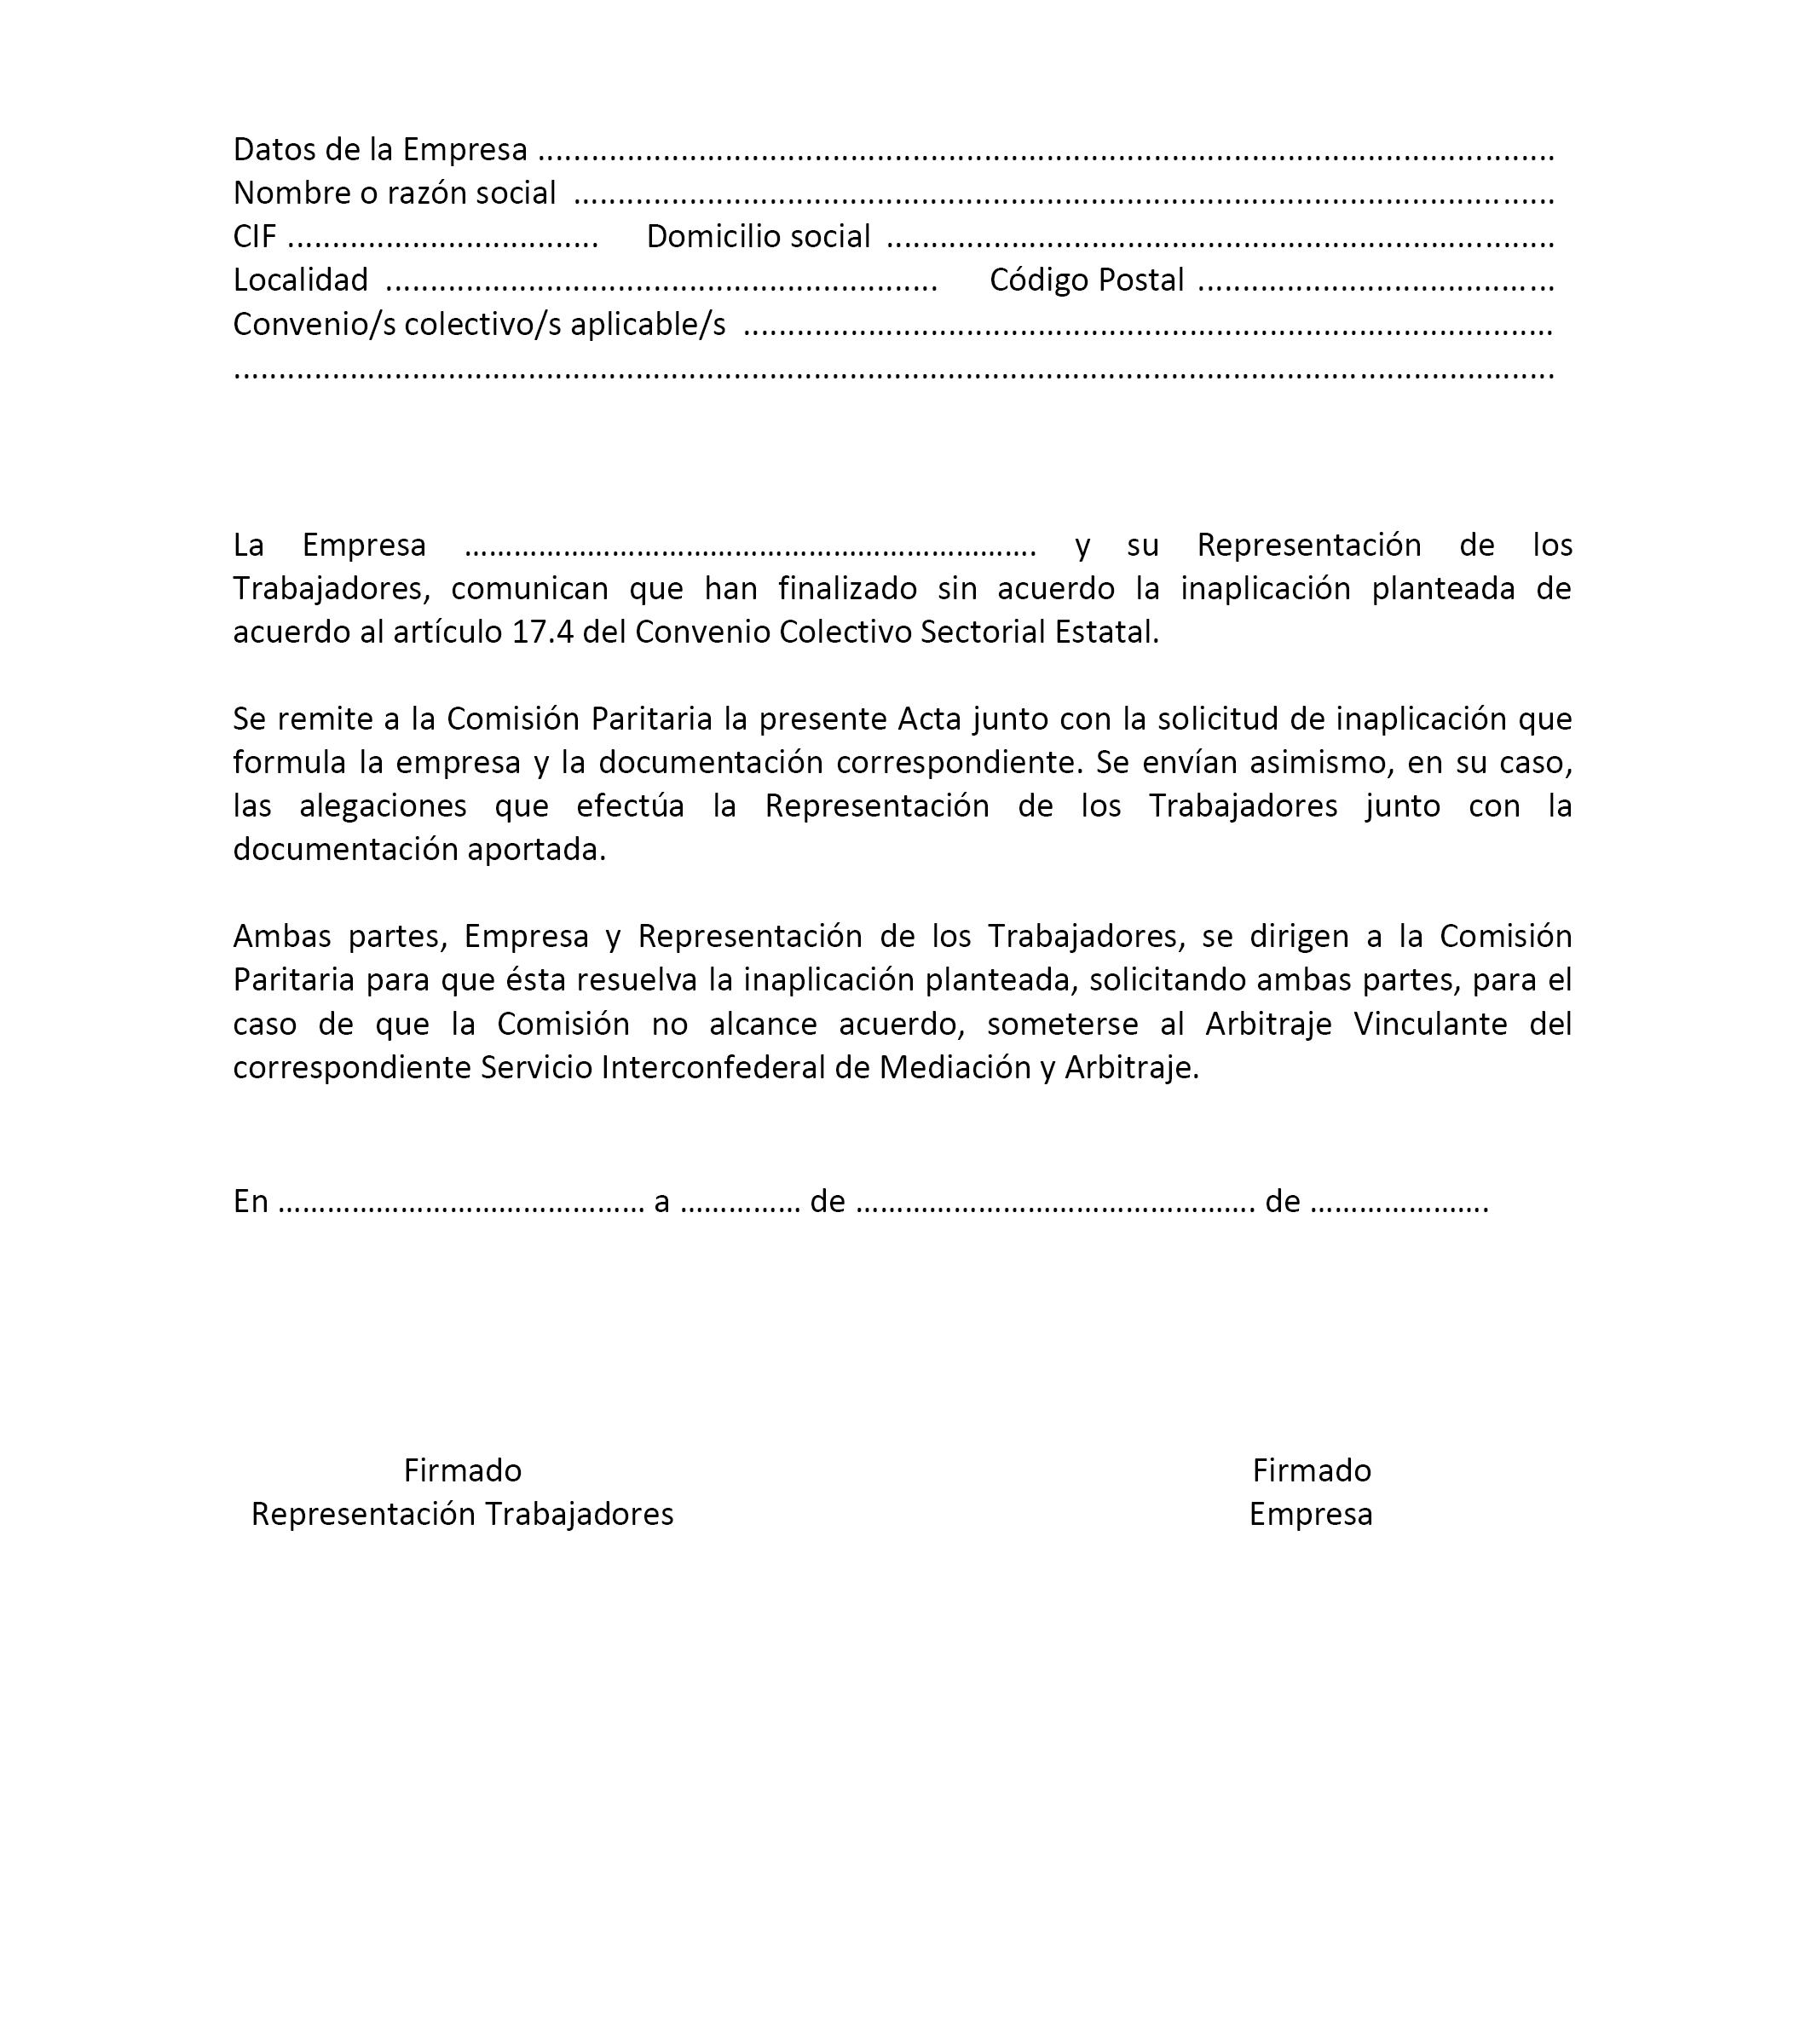 Documento Boe A 2017 10951